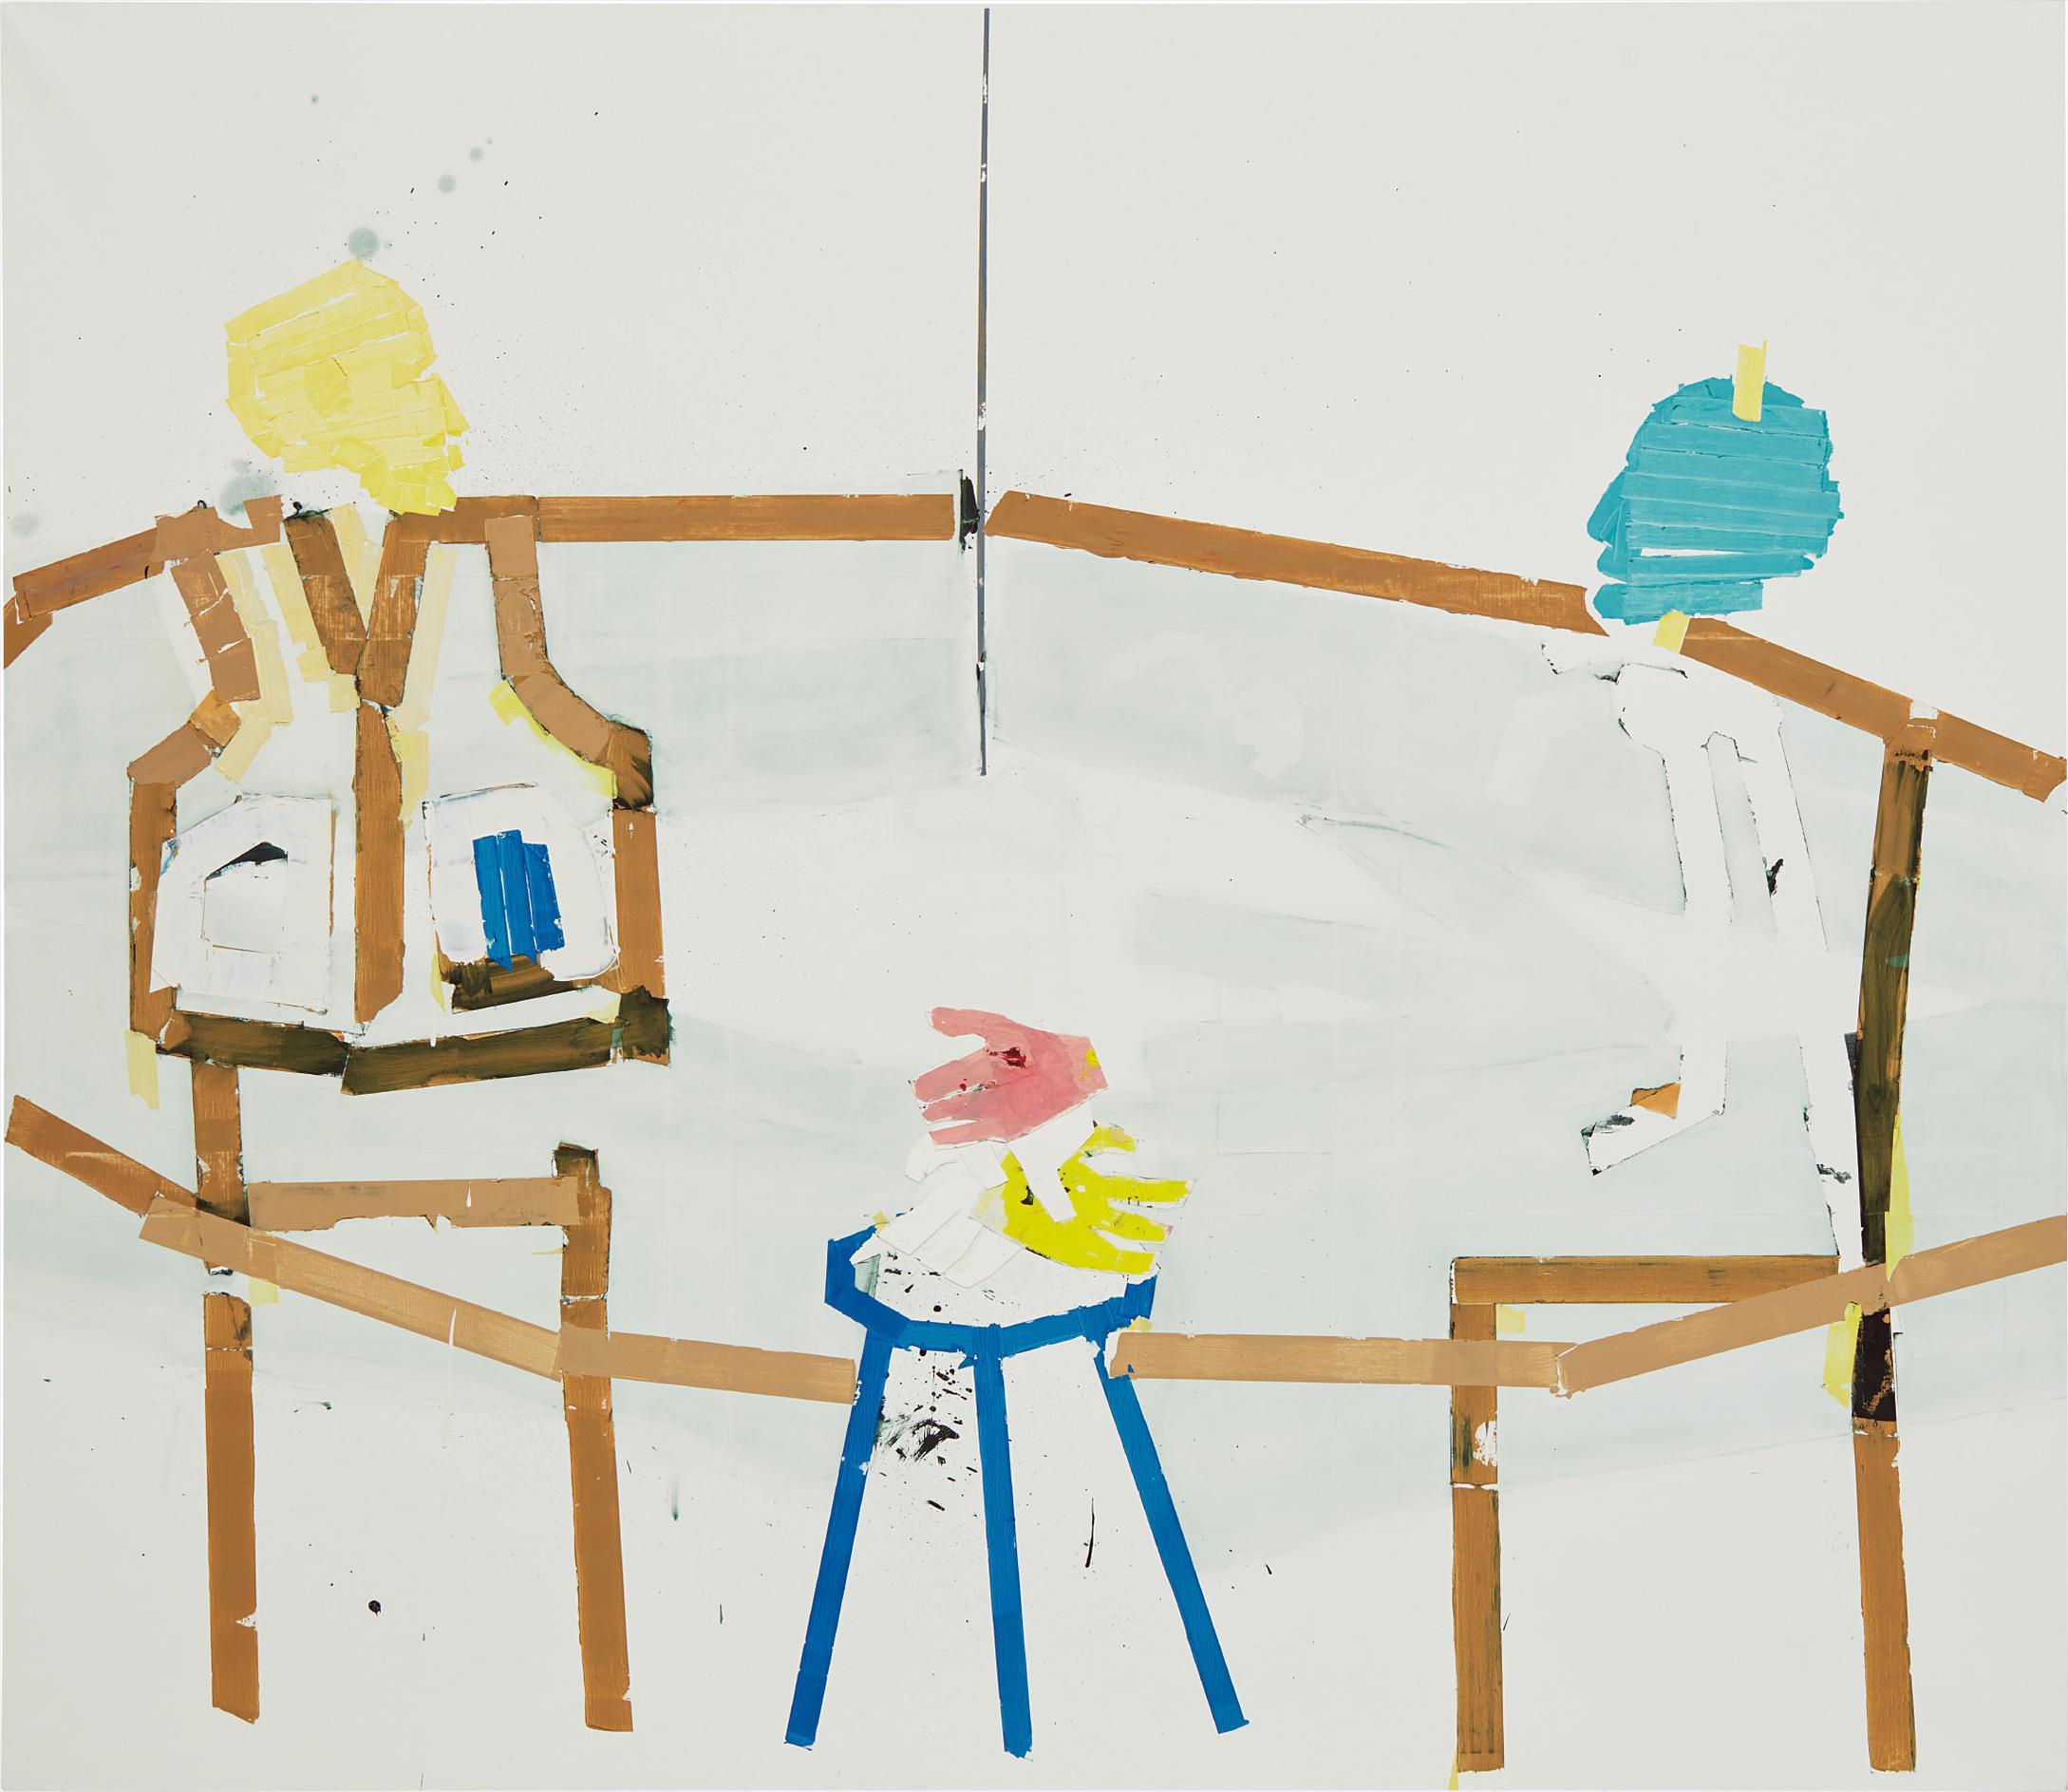 Magnus Plessen-Spiel (Play)-2009